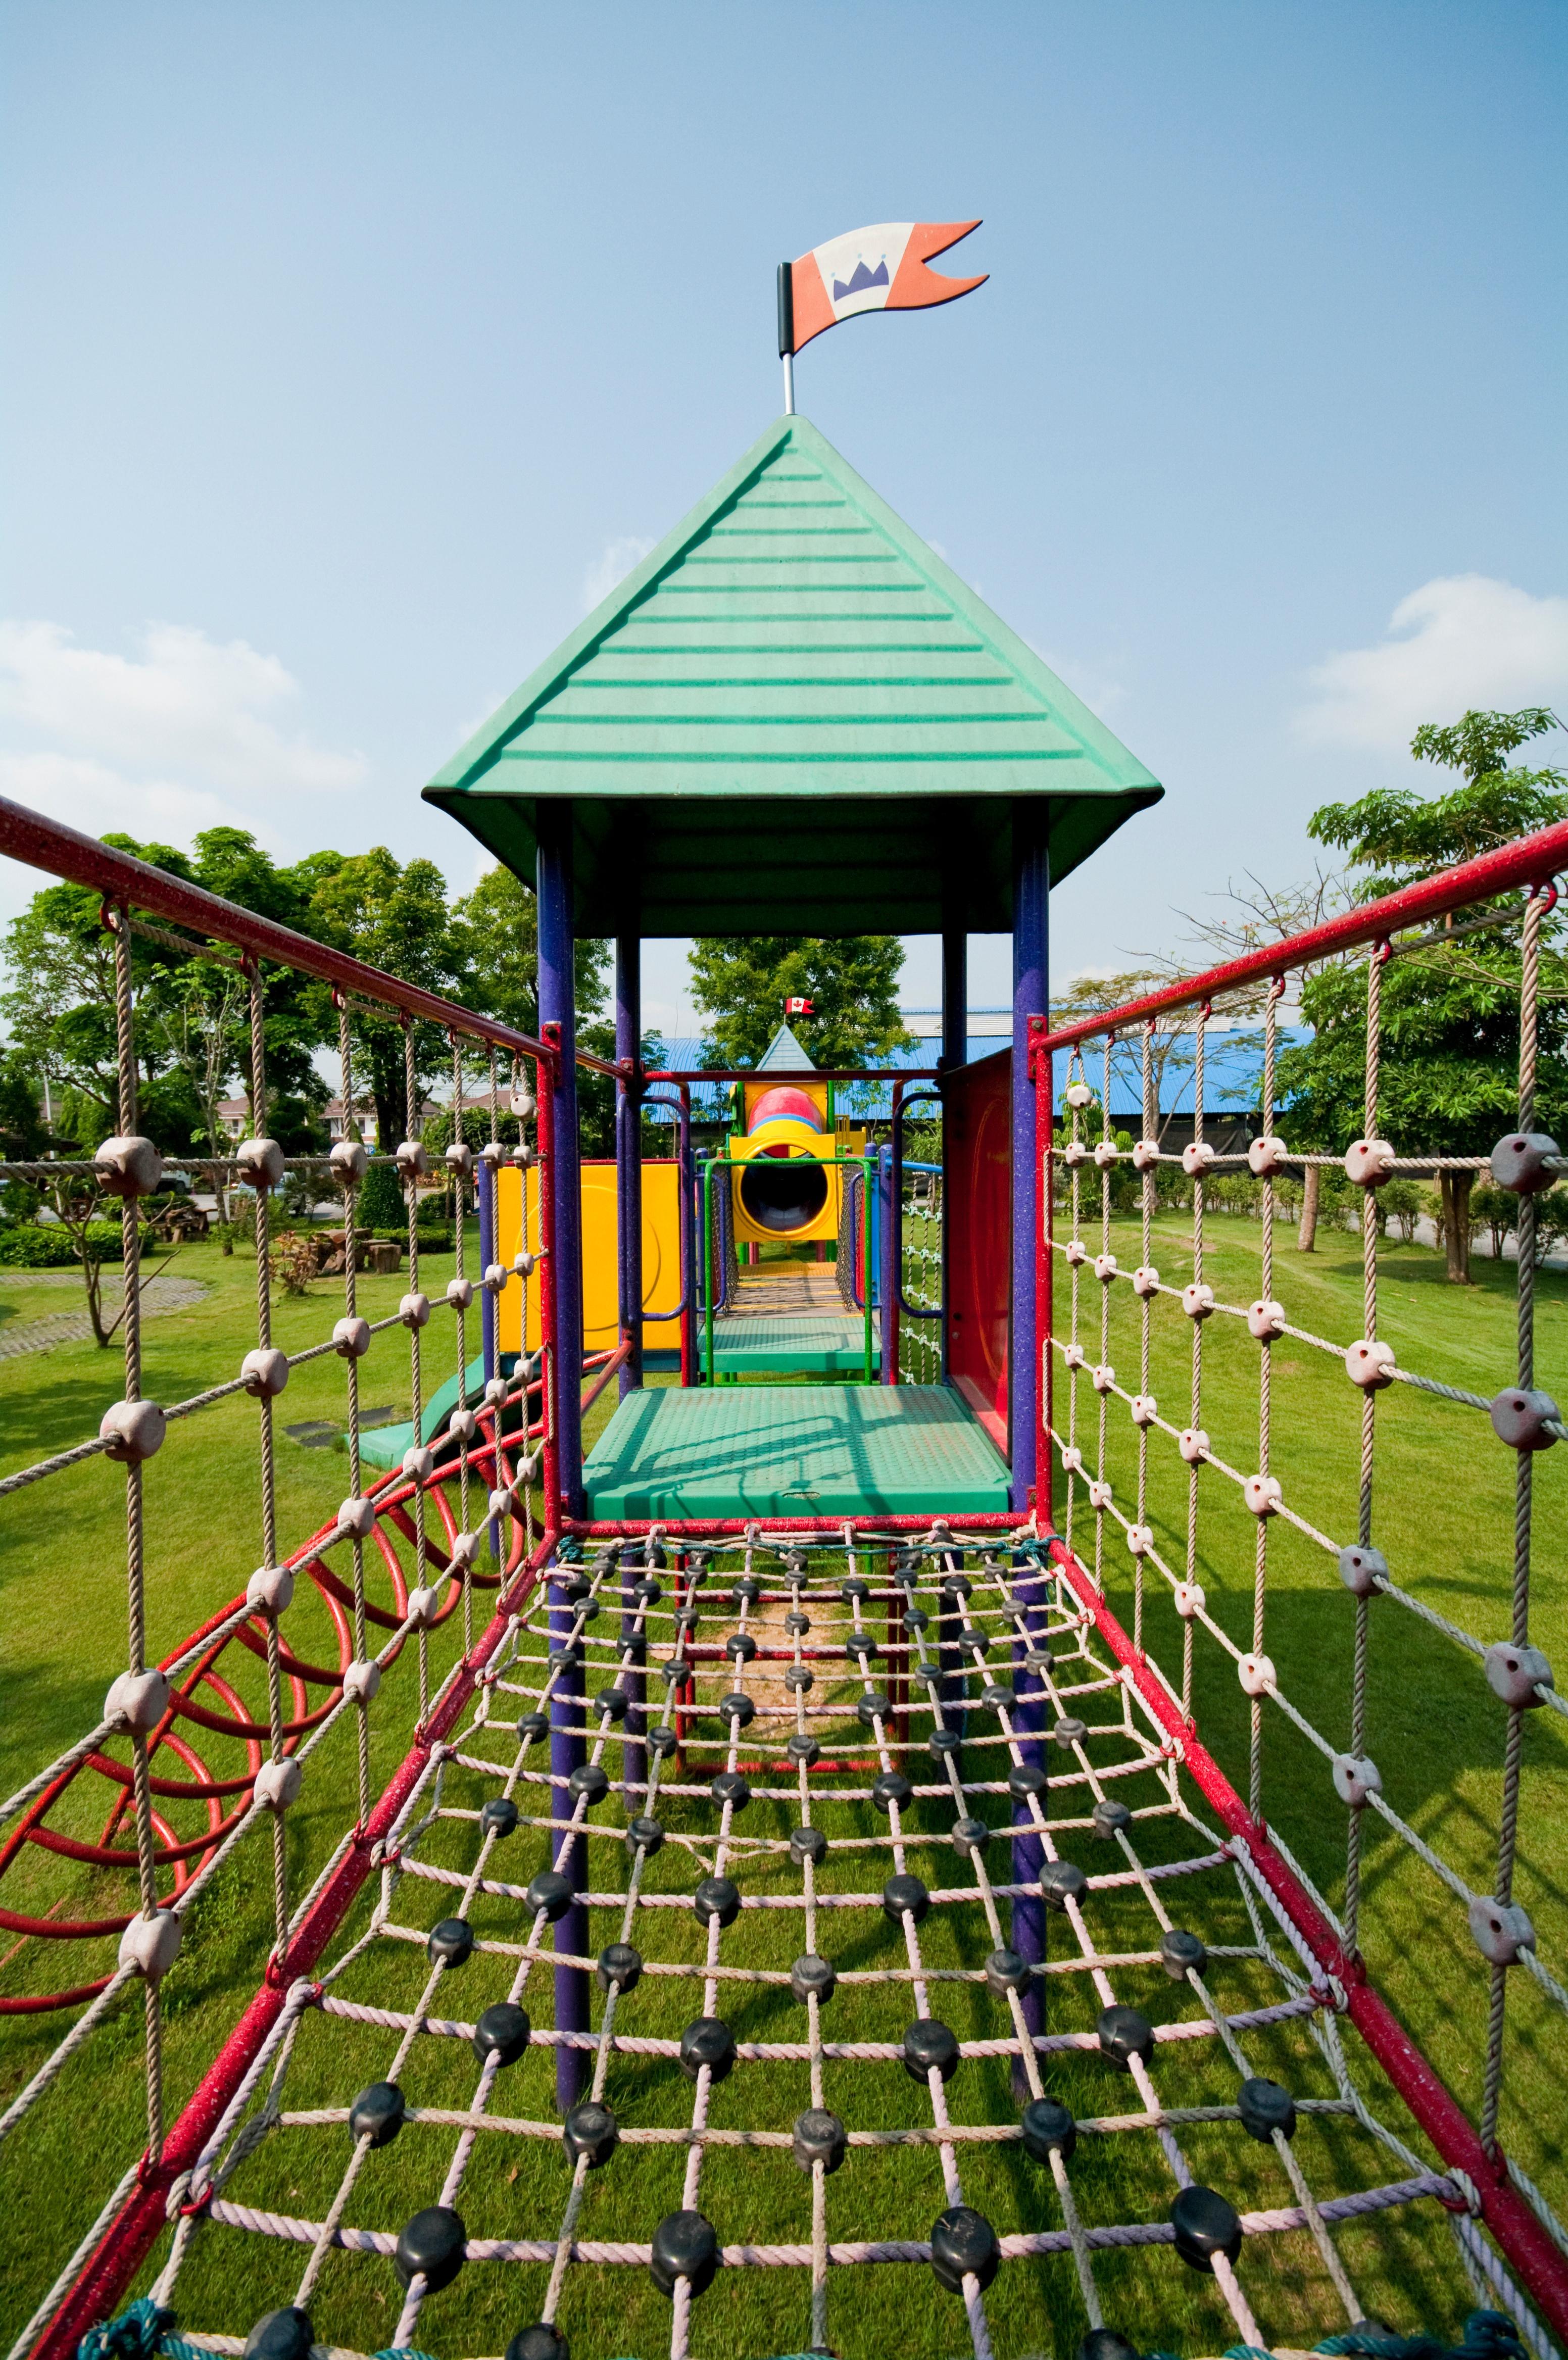 playground-without-children_HvbxEHxOnze.jpg